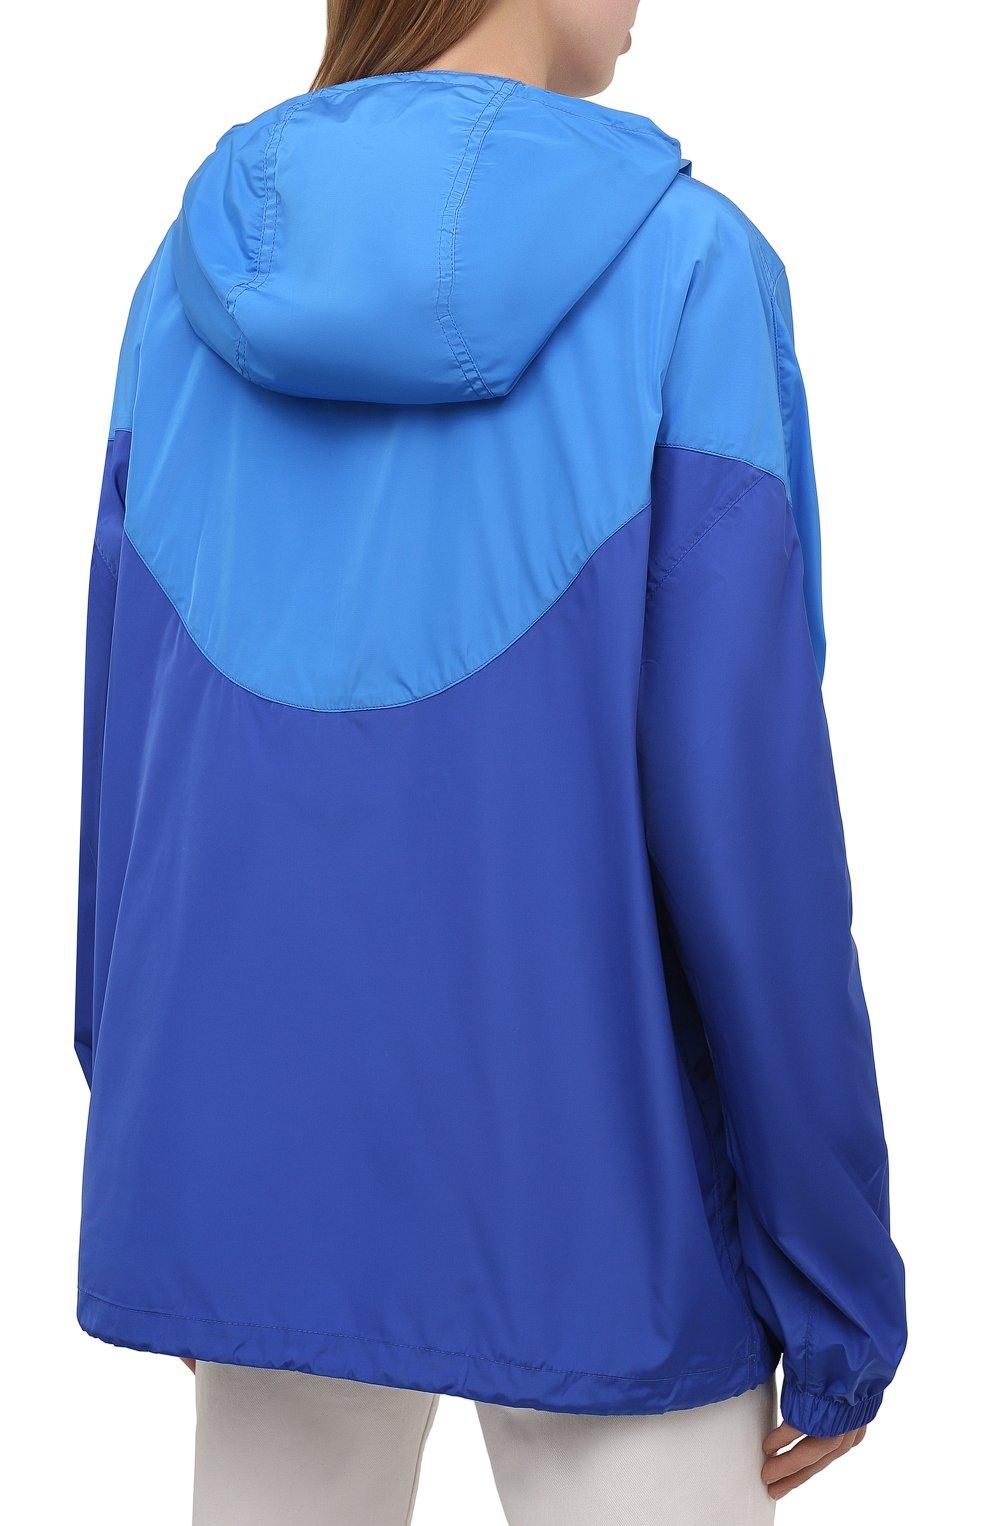 Женская анорак ISABEL MARANT ETOILE синего цвета, арт. MA0930-21P001W/RICHILI | Фото 4 (Кросс-КТ: Куртка, Ветровка; Рукава: Длинные; Женское Кросс-КТ: Куртка-спорт; Материал внешний: Синтетический материал; Стили: Спорт-шик; Длина (верхняя одежда): Короткие)